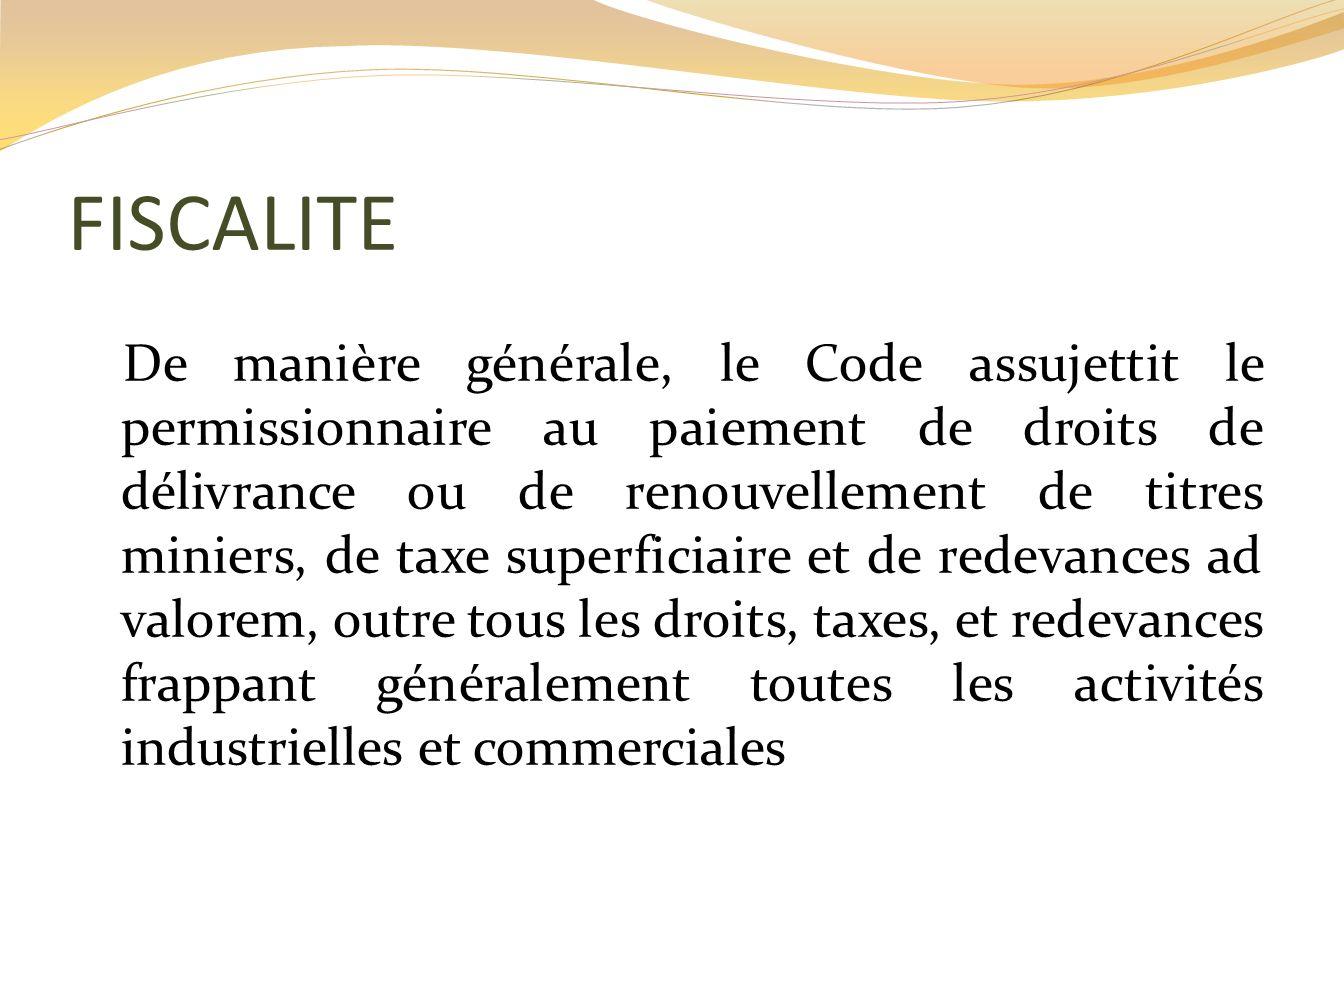 FISCALITE De manière générale, le Code assujettit le permissionnaire au paiement de droits de délivrance ou de renouvellement de titres miniers, de ta